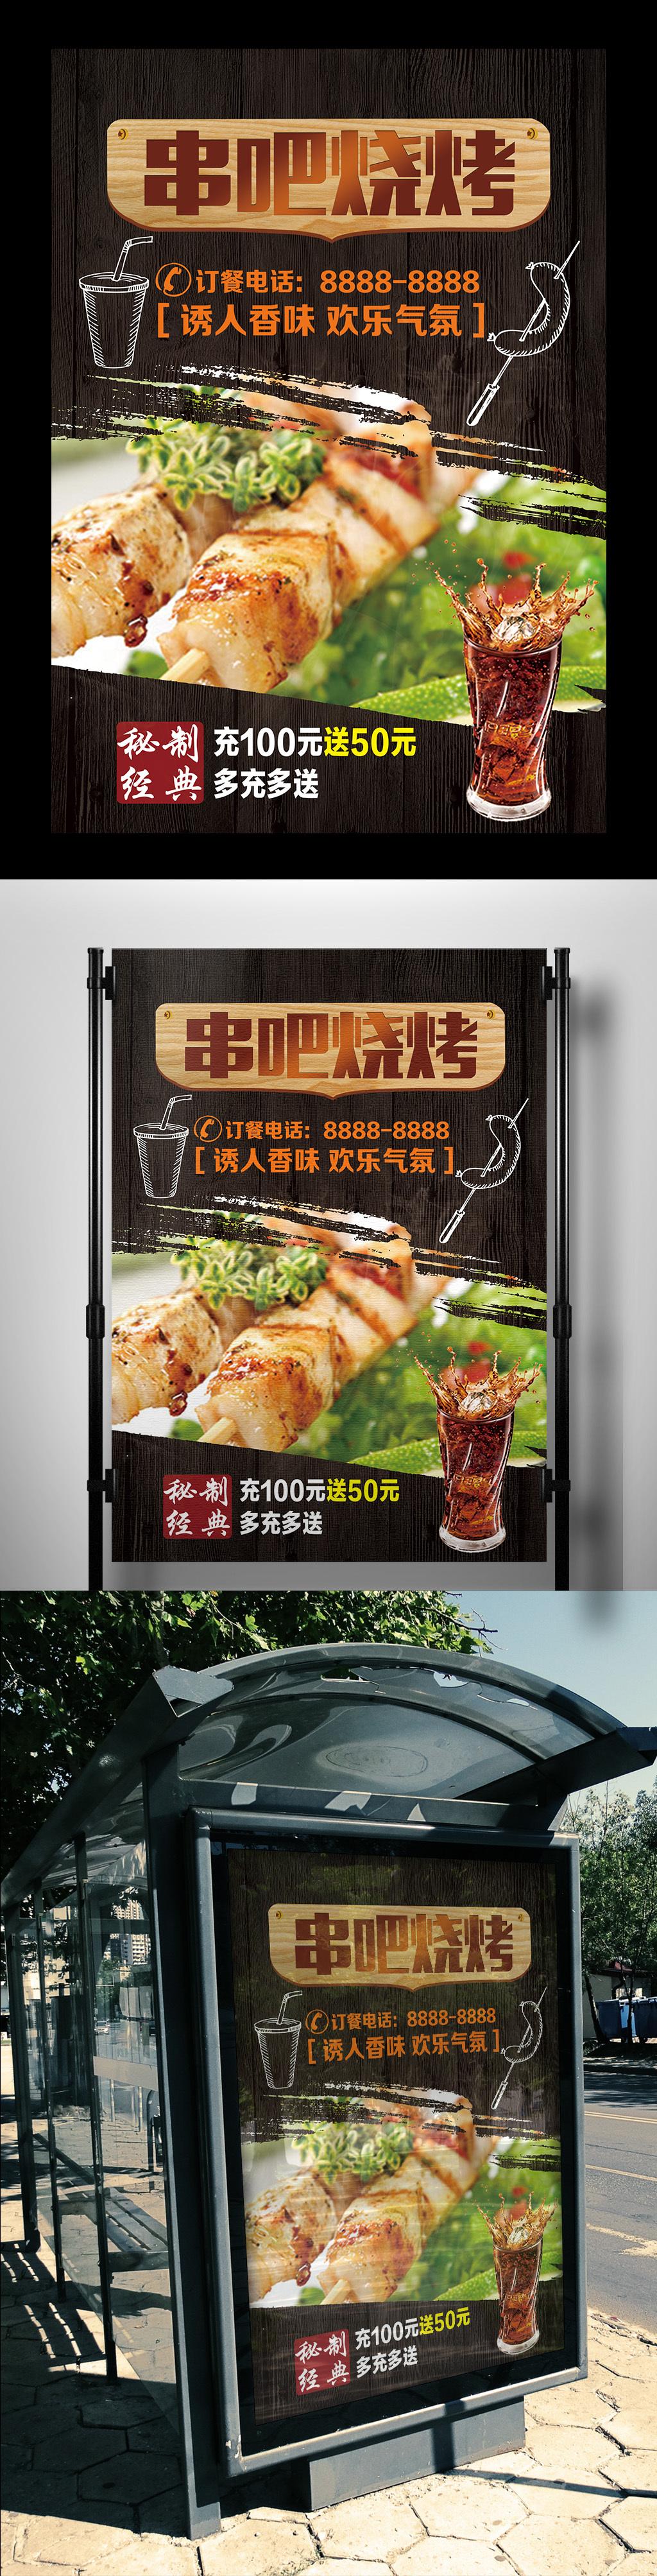 平面|广告设计 海报设计 pop海报 > 酷炫烧烤特色烧烤宣传海报psd模板